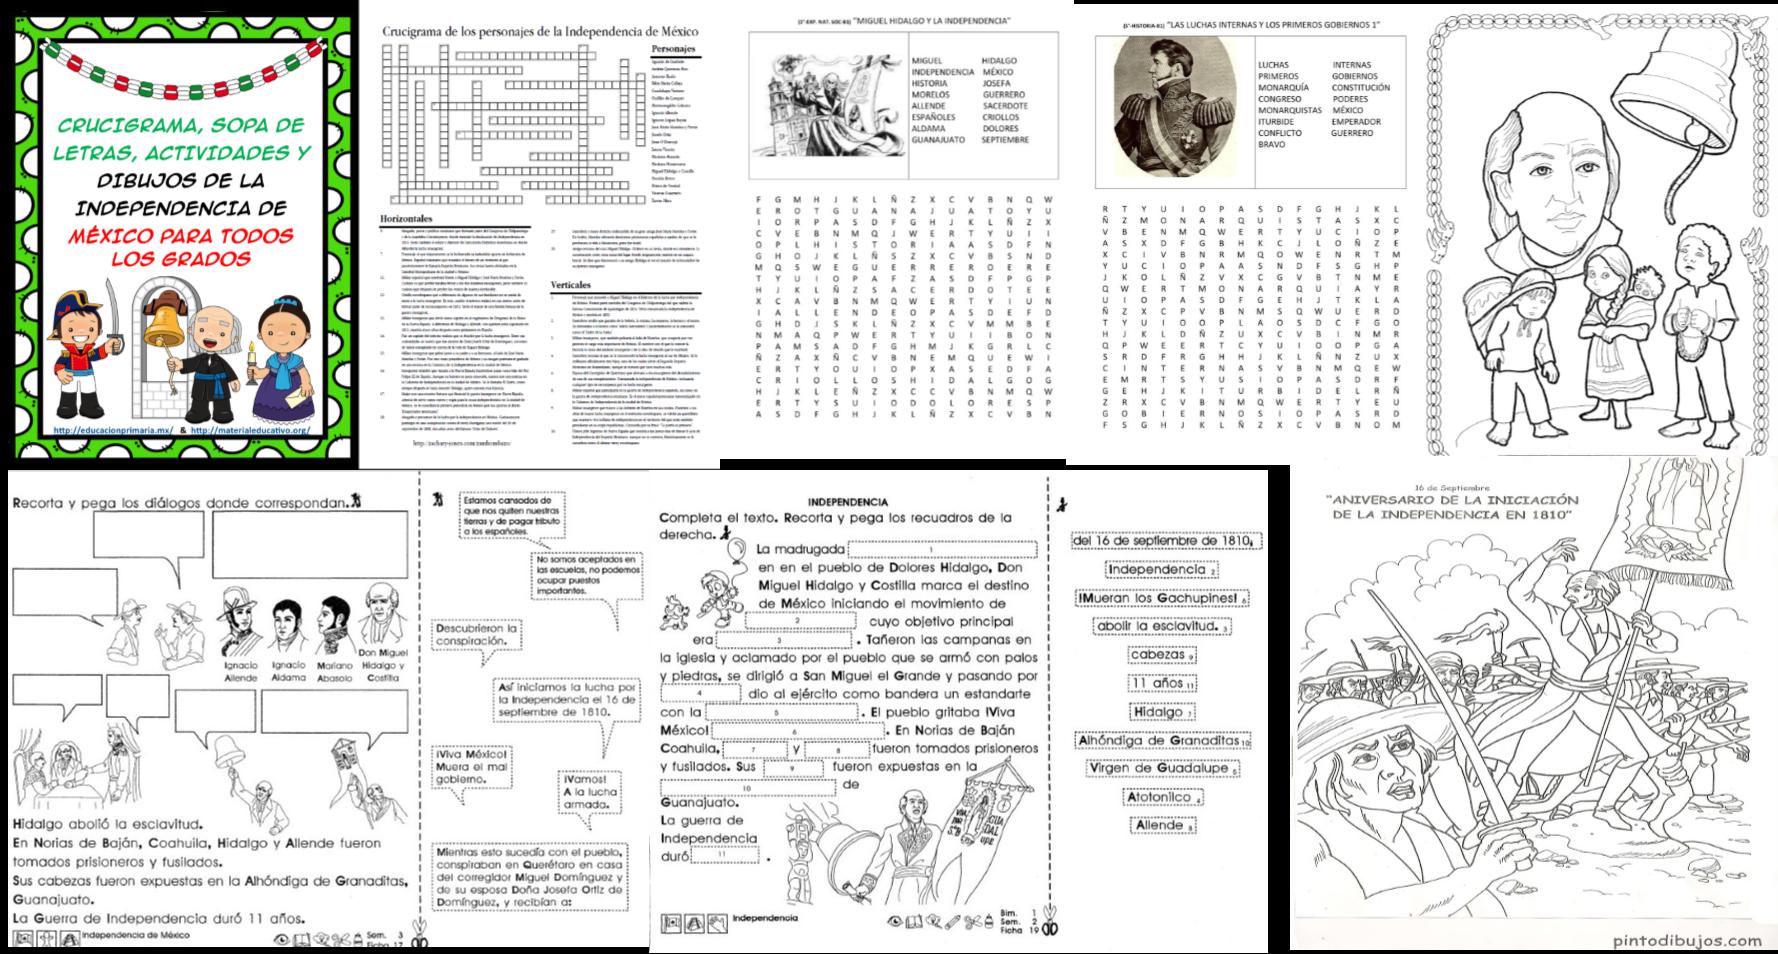 Crucigrama Sopa De Letras Actividades Y Dibujos Para Colorear De